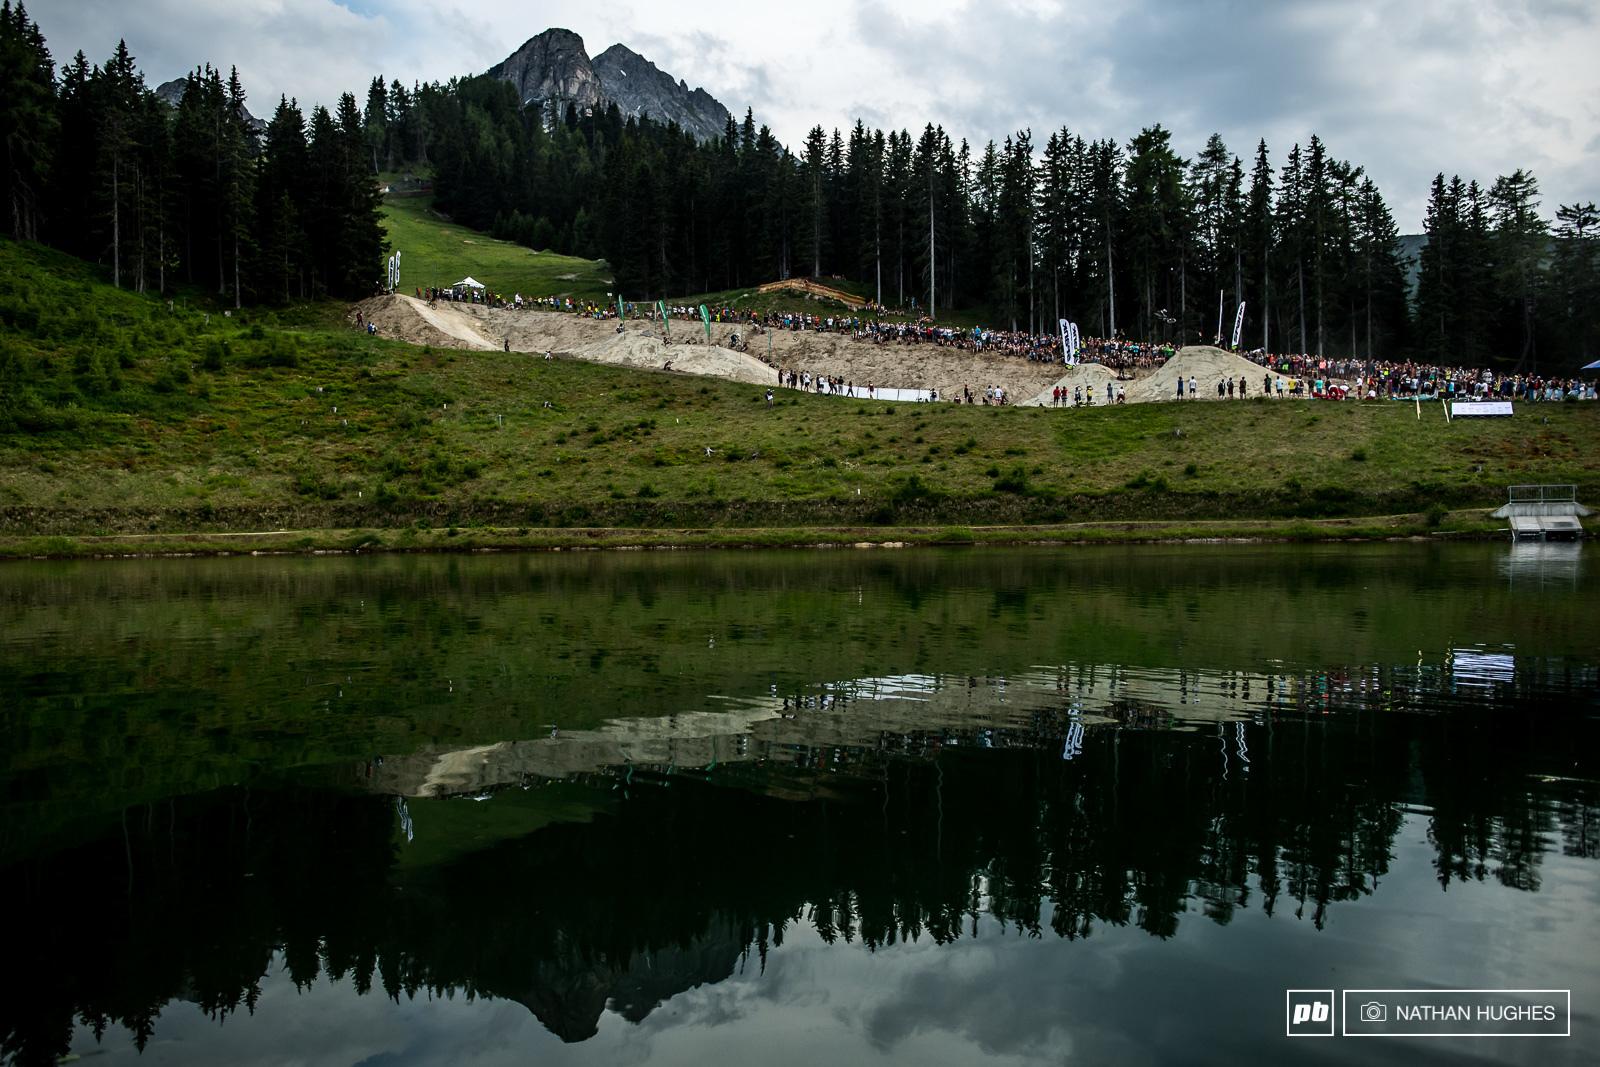 Quite a setting bravo Austria.